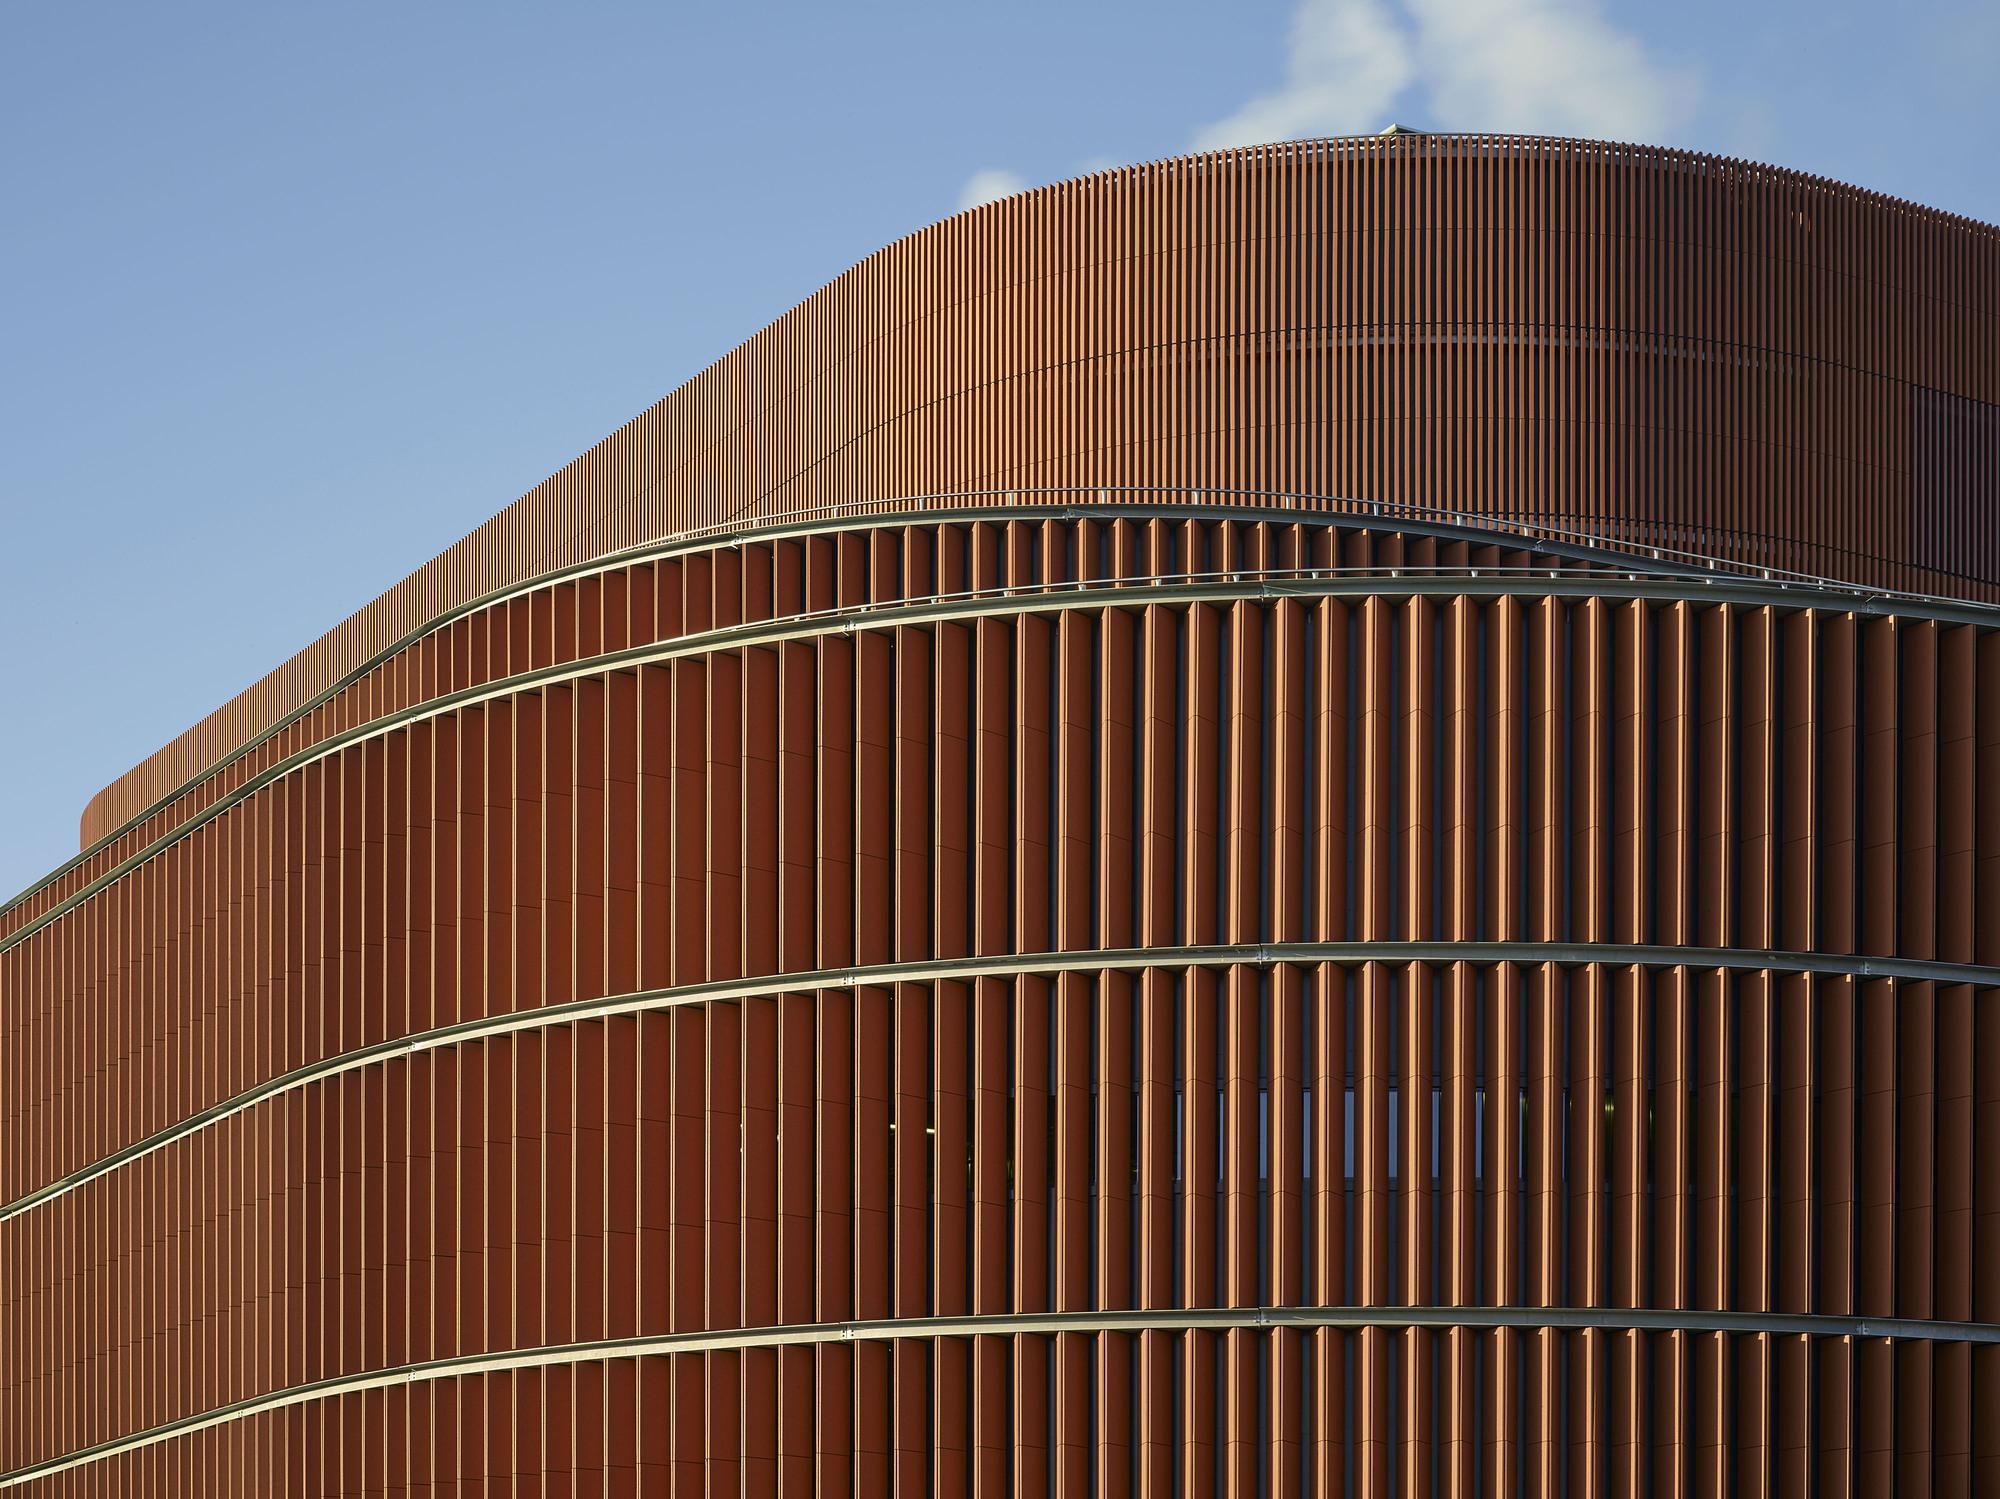 V 228 Rtan Bioenergy Chp Plant Ud Urban Design Ab Gottlieb